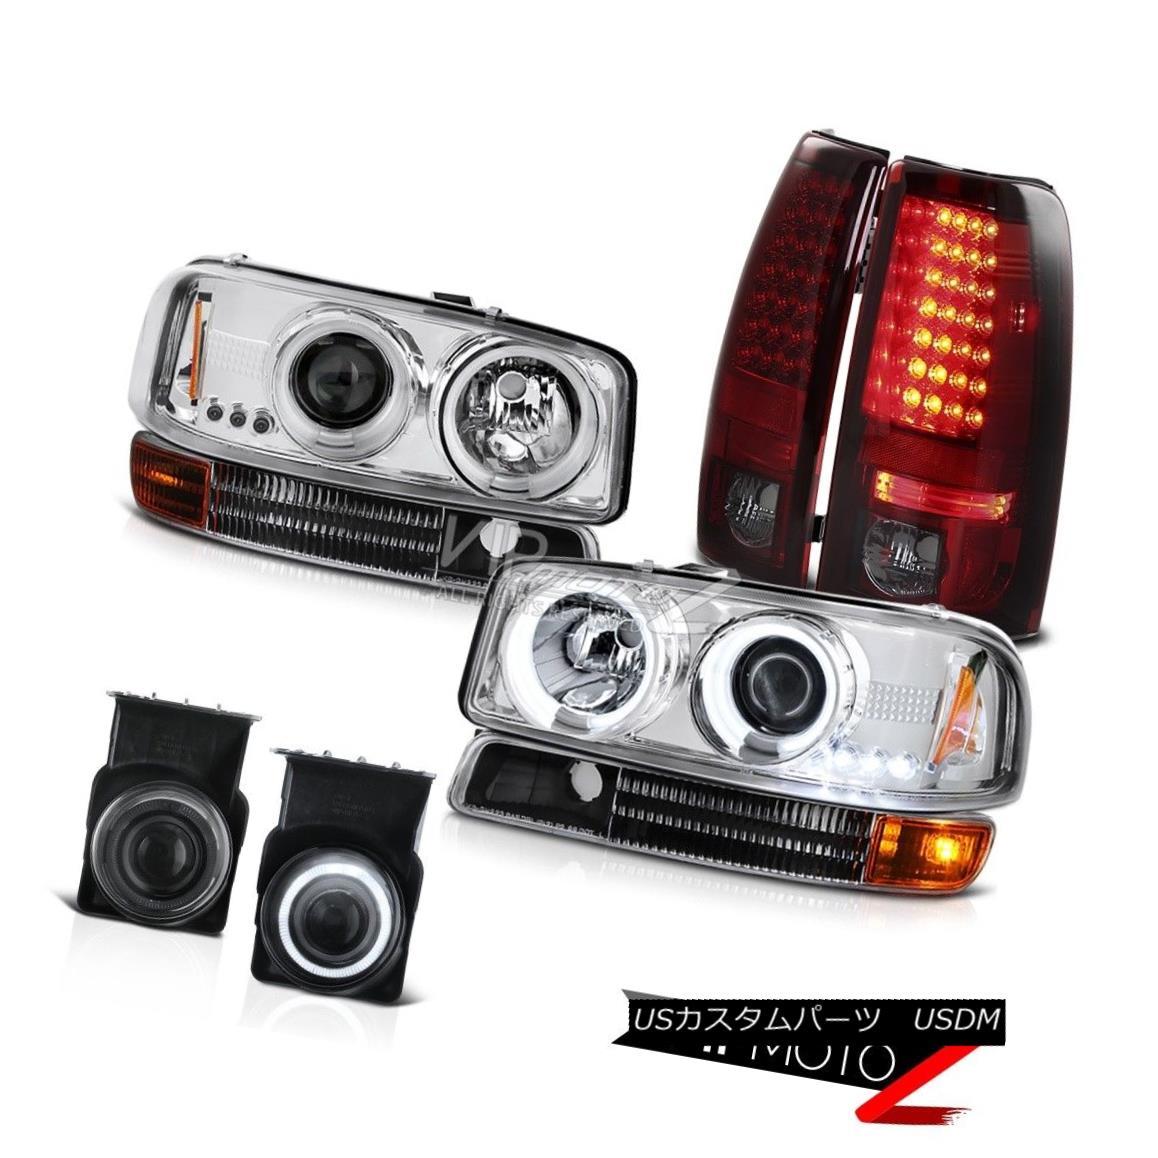 ヘッドライト 2003 Sierra DuraMax 6.6L CCFL Halo Headlight Bumper Tail Light LED Projector Fog 2003 Sierra DuraMax 6.6L CCFL HaloヘッドライトバンパーテールライトLEDプロジェクターフォグ